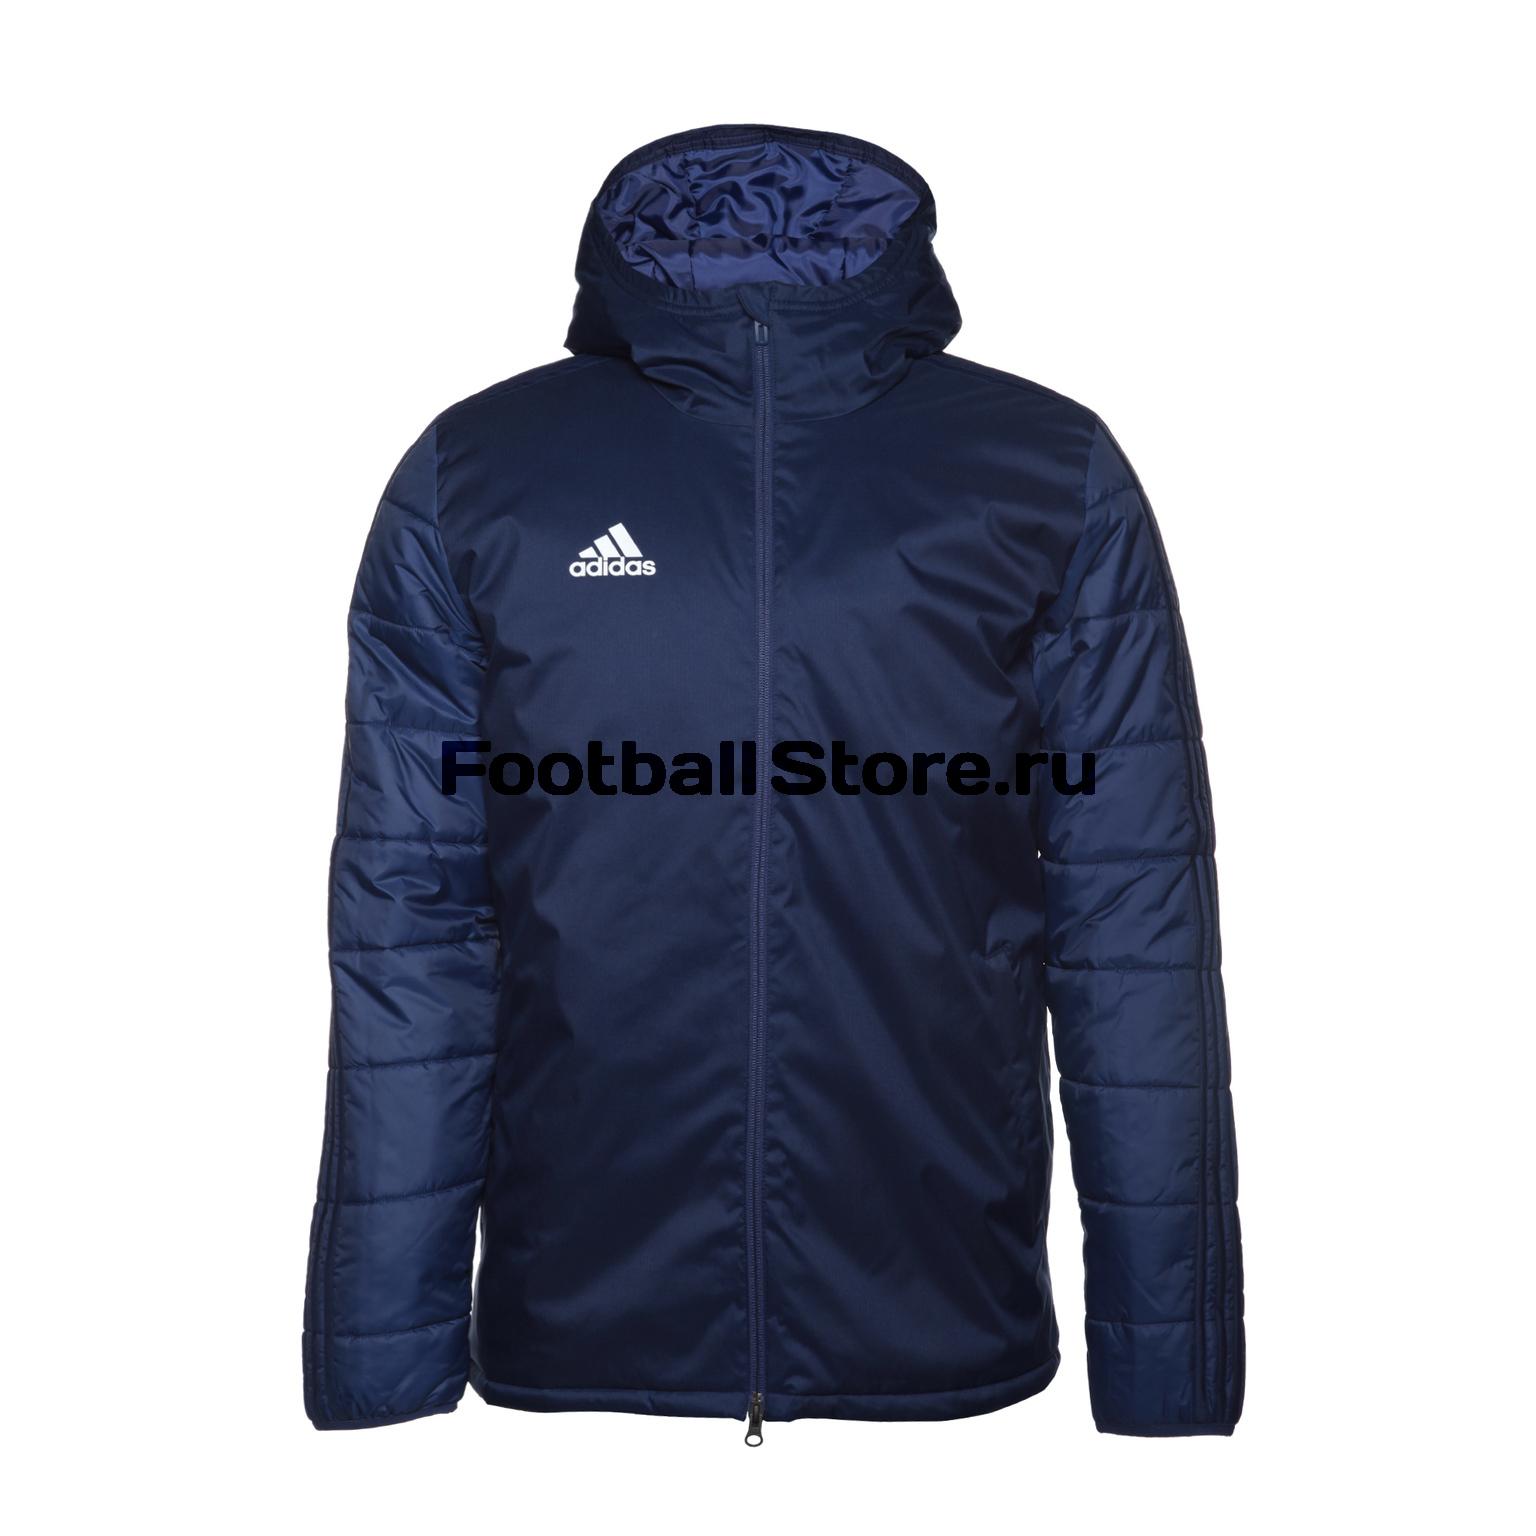 Куртка утепленная Adidas JKT18 Winter CV8271